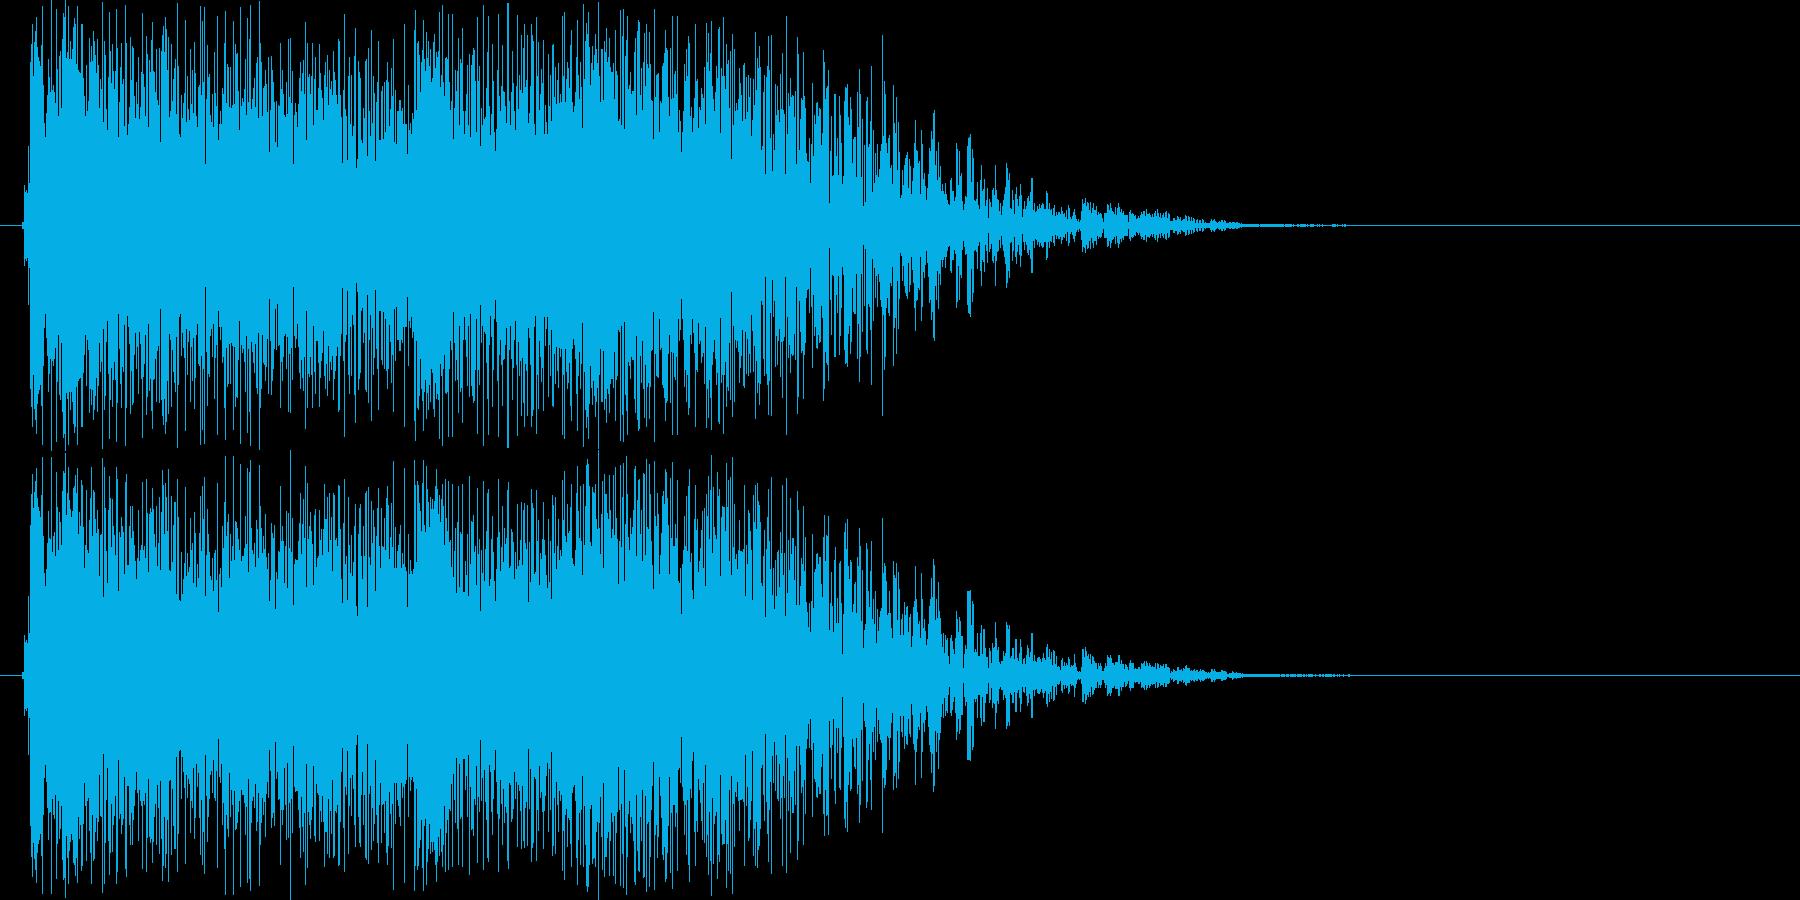 生音ブラス(金管楽器)による効果音の再生済みの波形